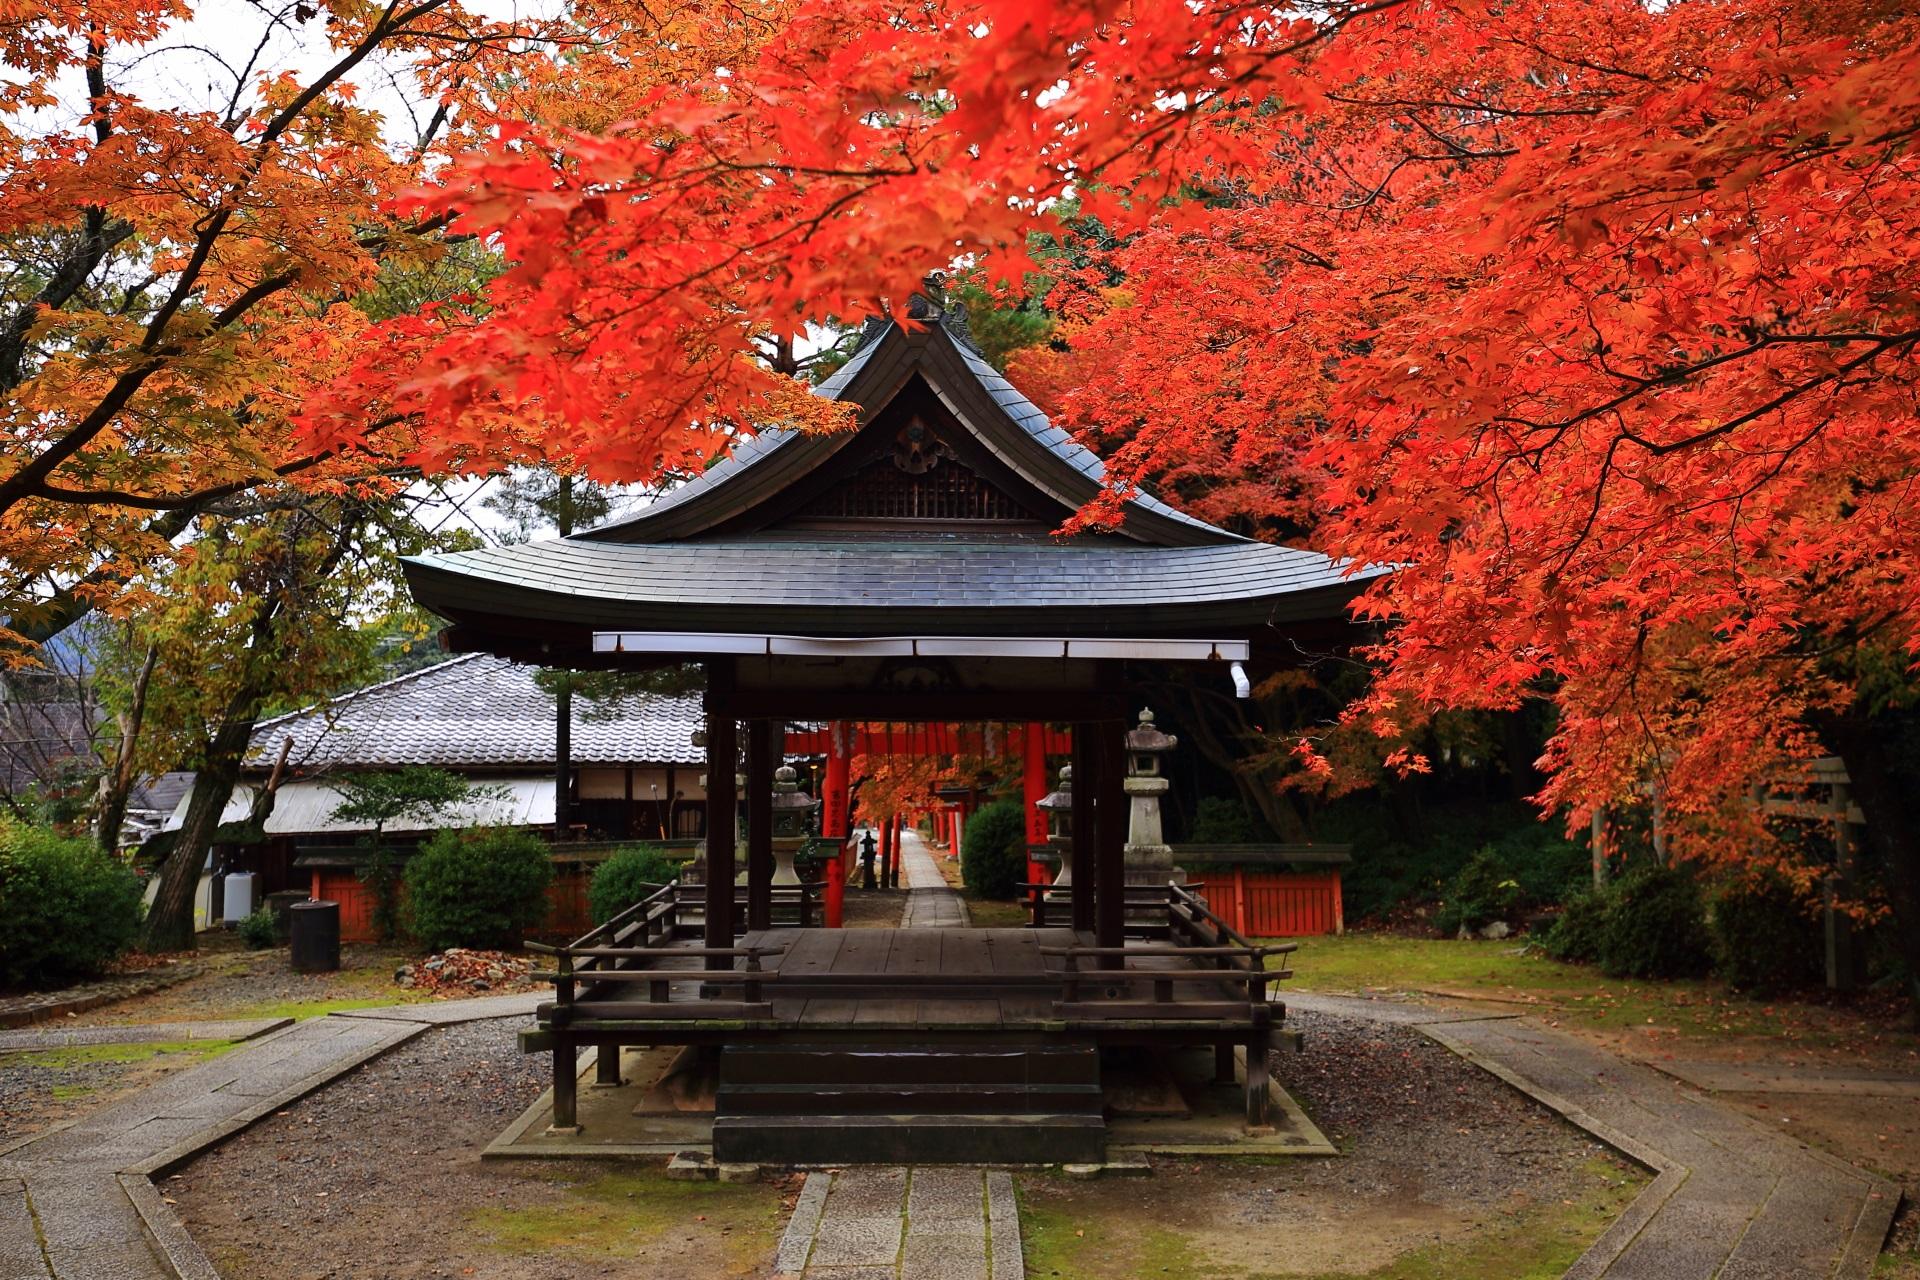 竹中稲荷神社の拝殿と鳥居を彩る絶品の紅葉